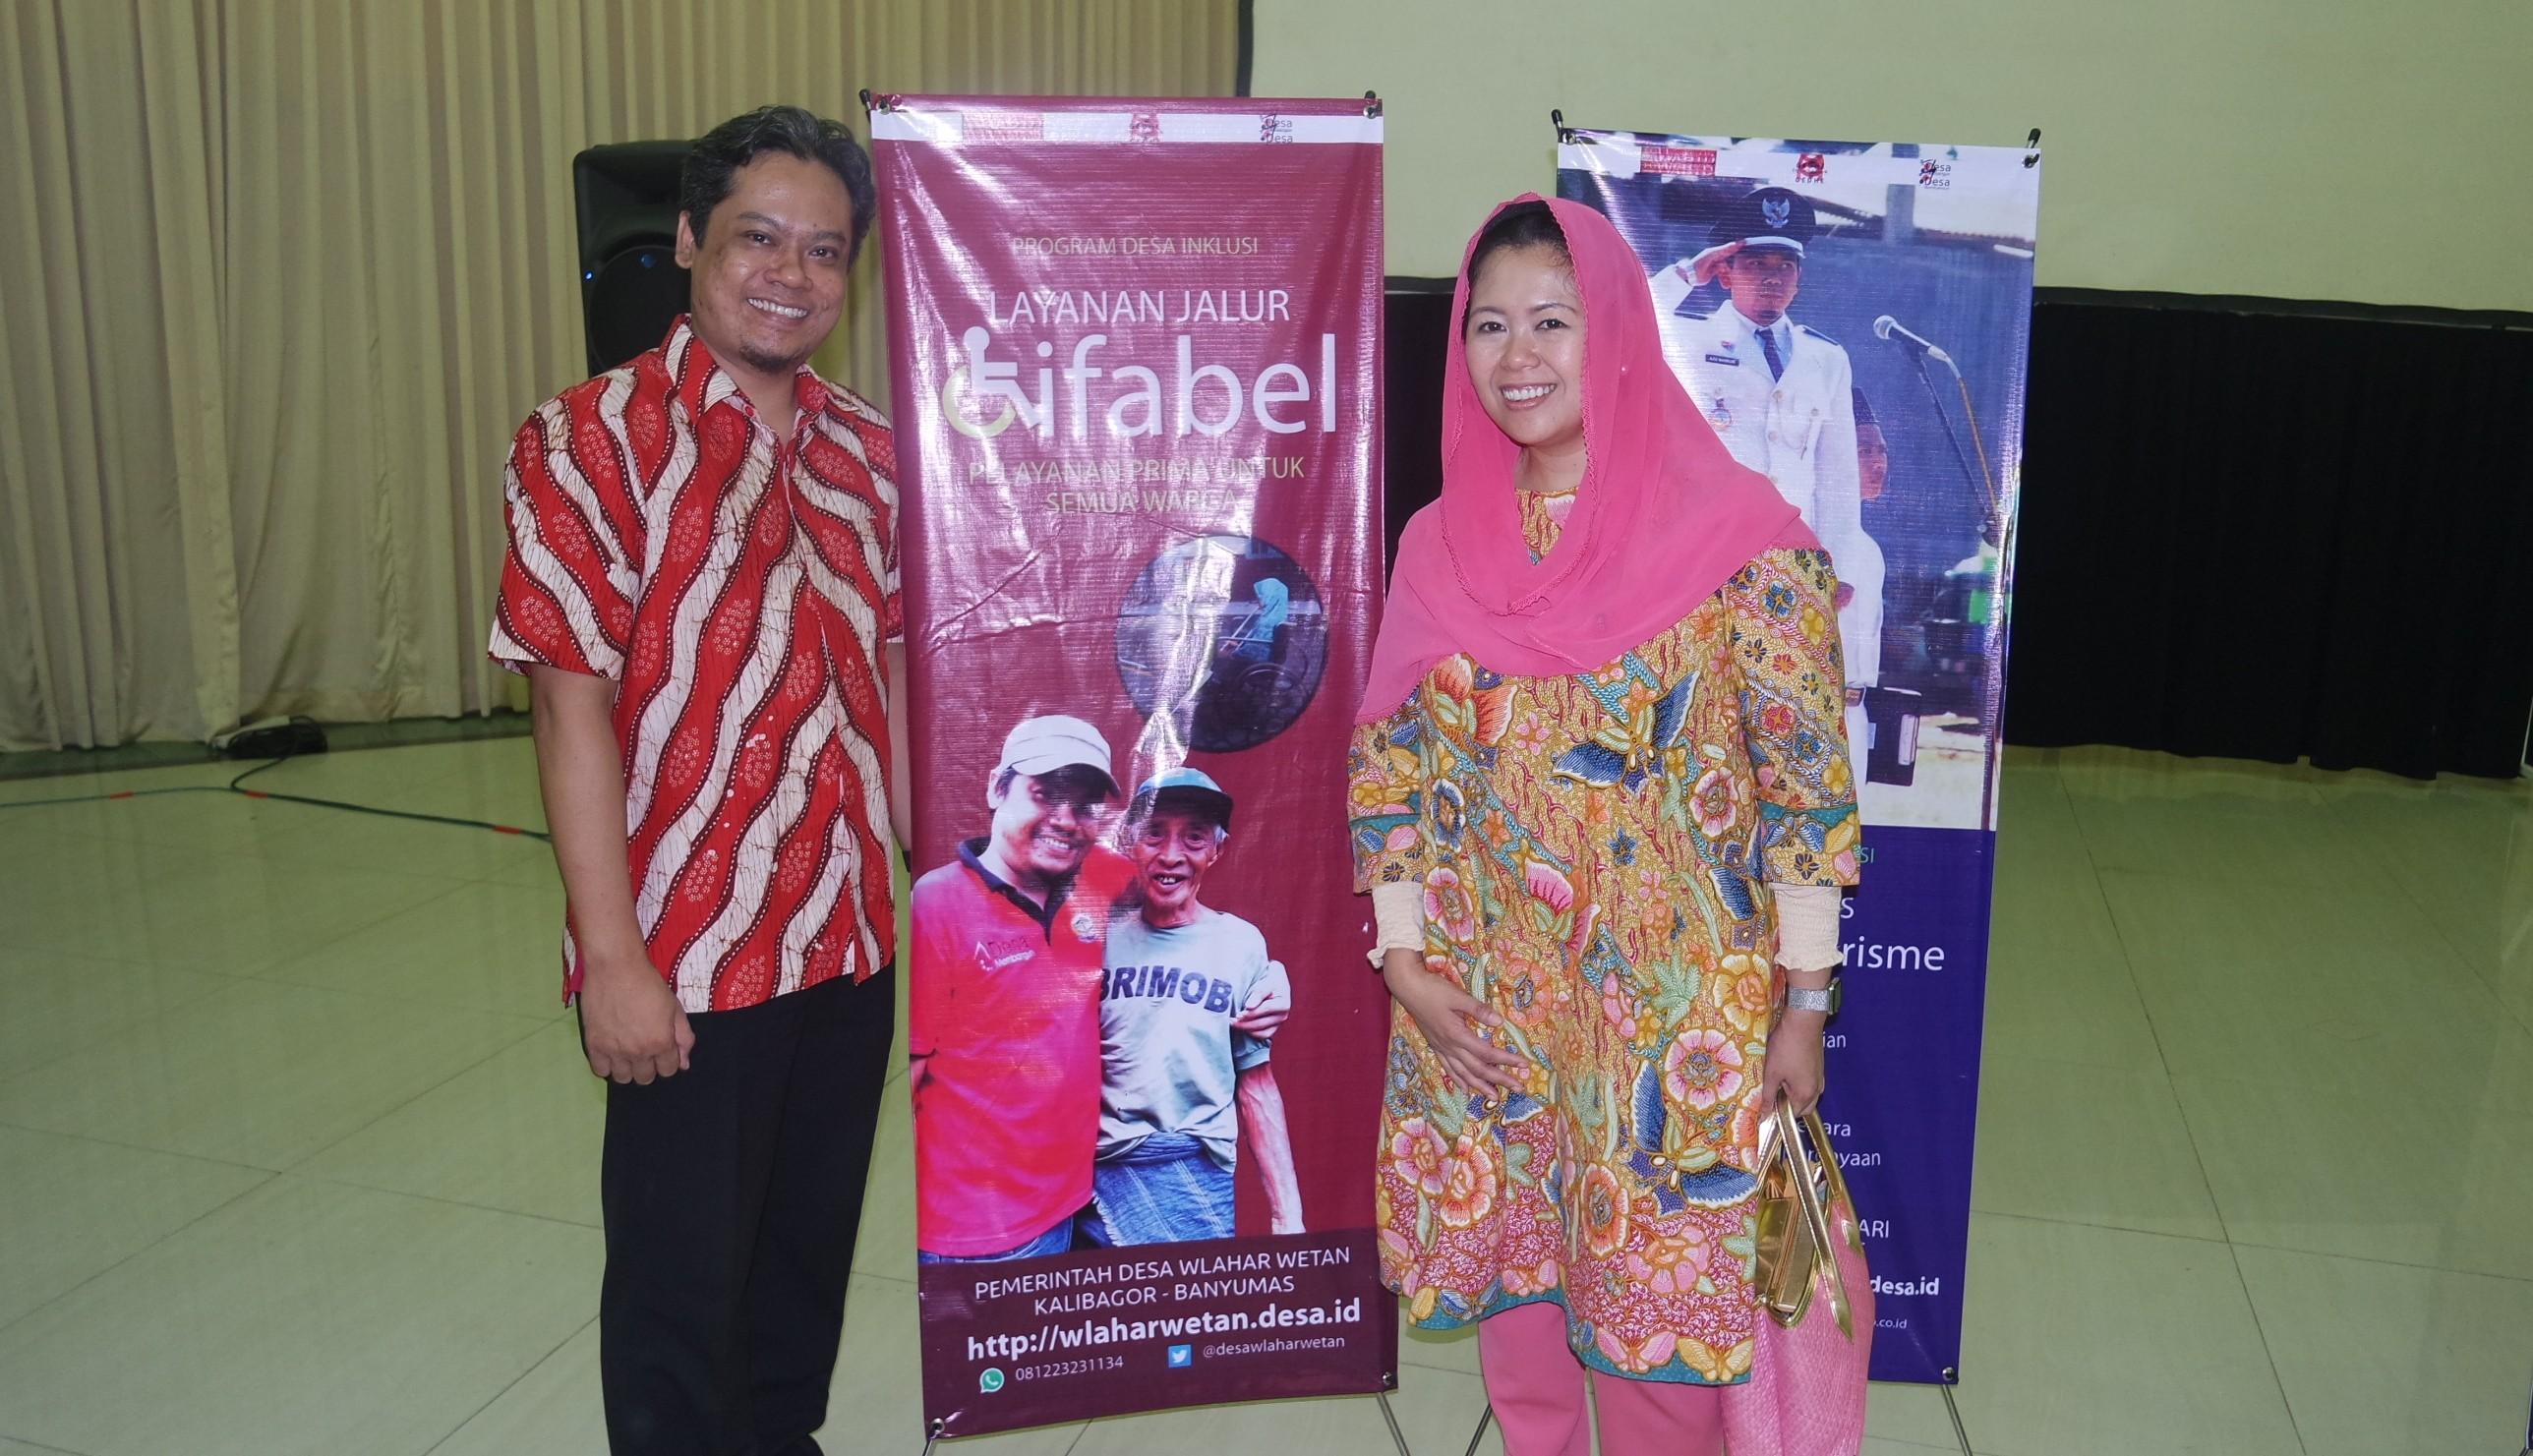 Masyarakat Desa Wlahar Wetan Mendukung Kehidupan Damai dan Toleran